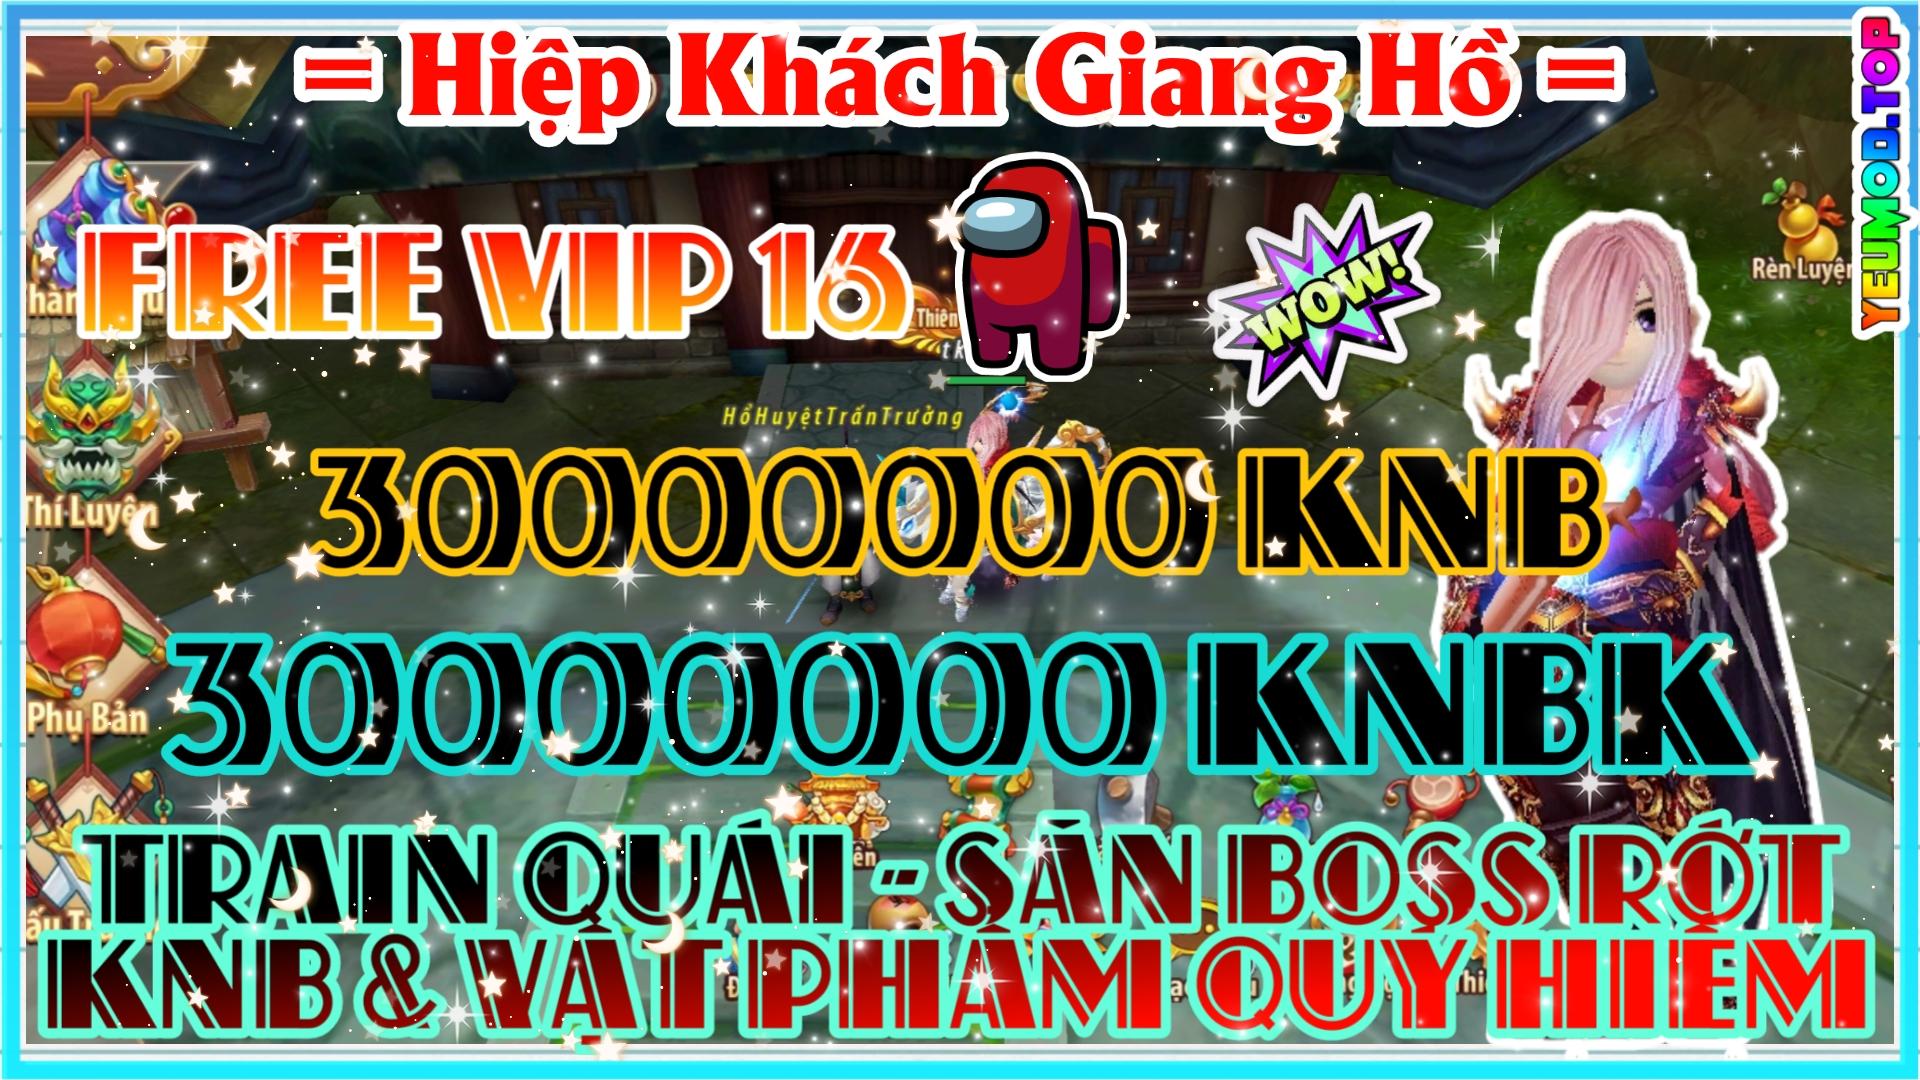 Hiệp khách Giang Hồ Private Việt Hóa | Free VIP 16 | 30000000 KNB | 30000000 KNBK | Train Quái Săn Boss Rớt KNB & Vật Phẩm Hiếm